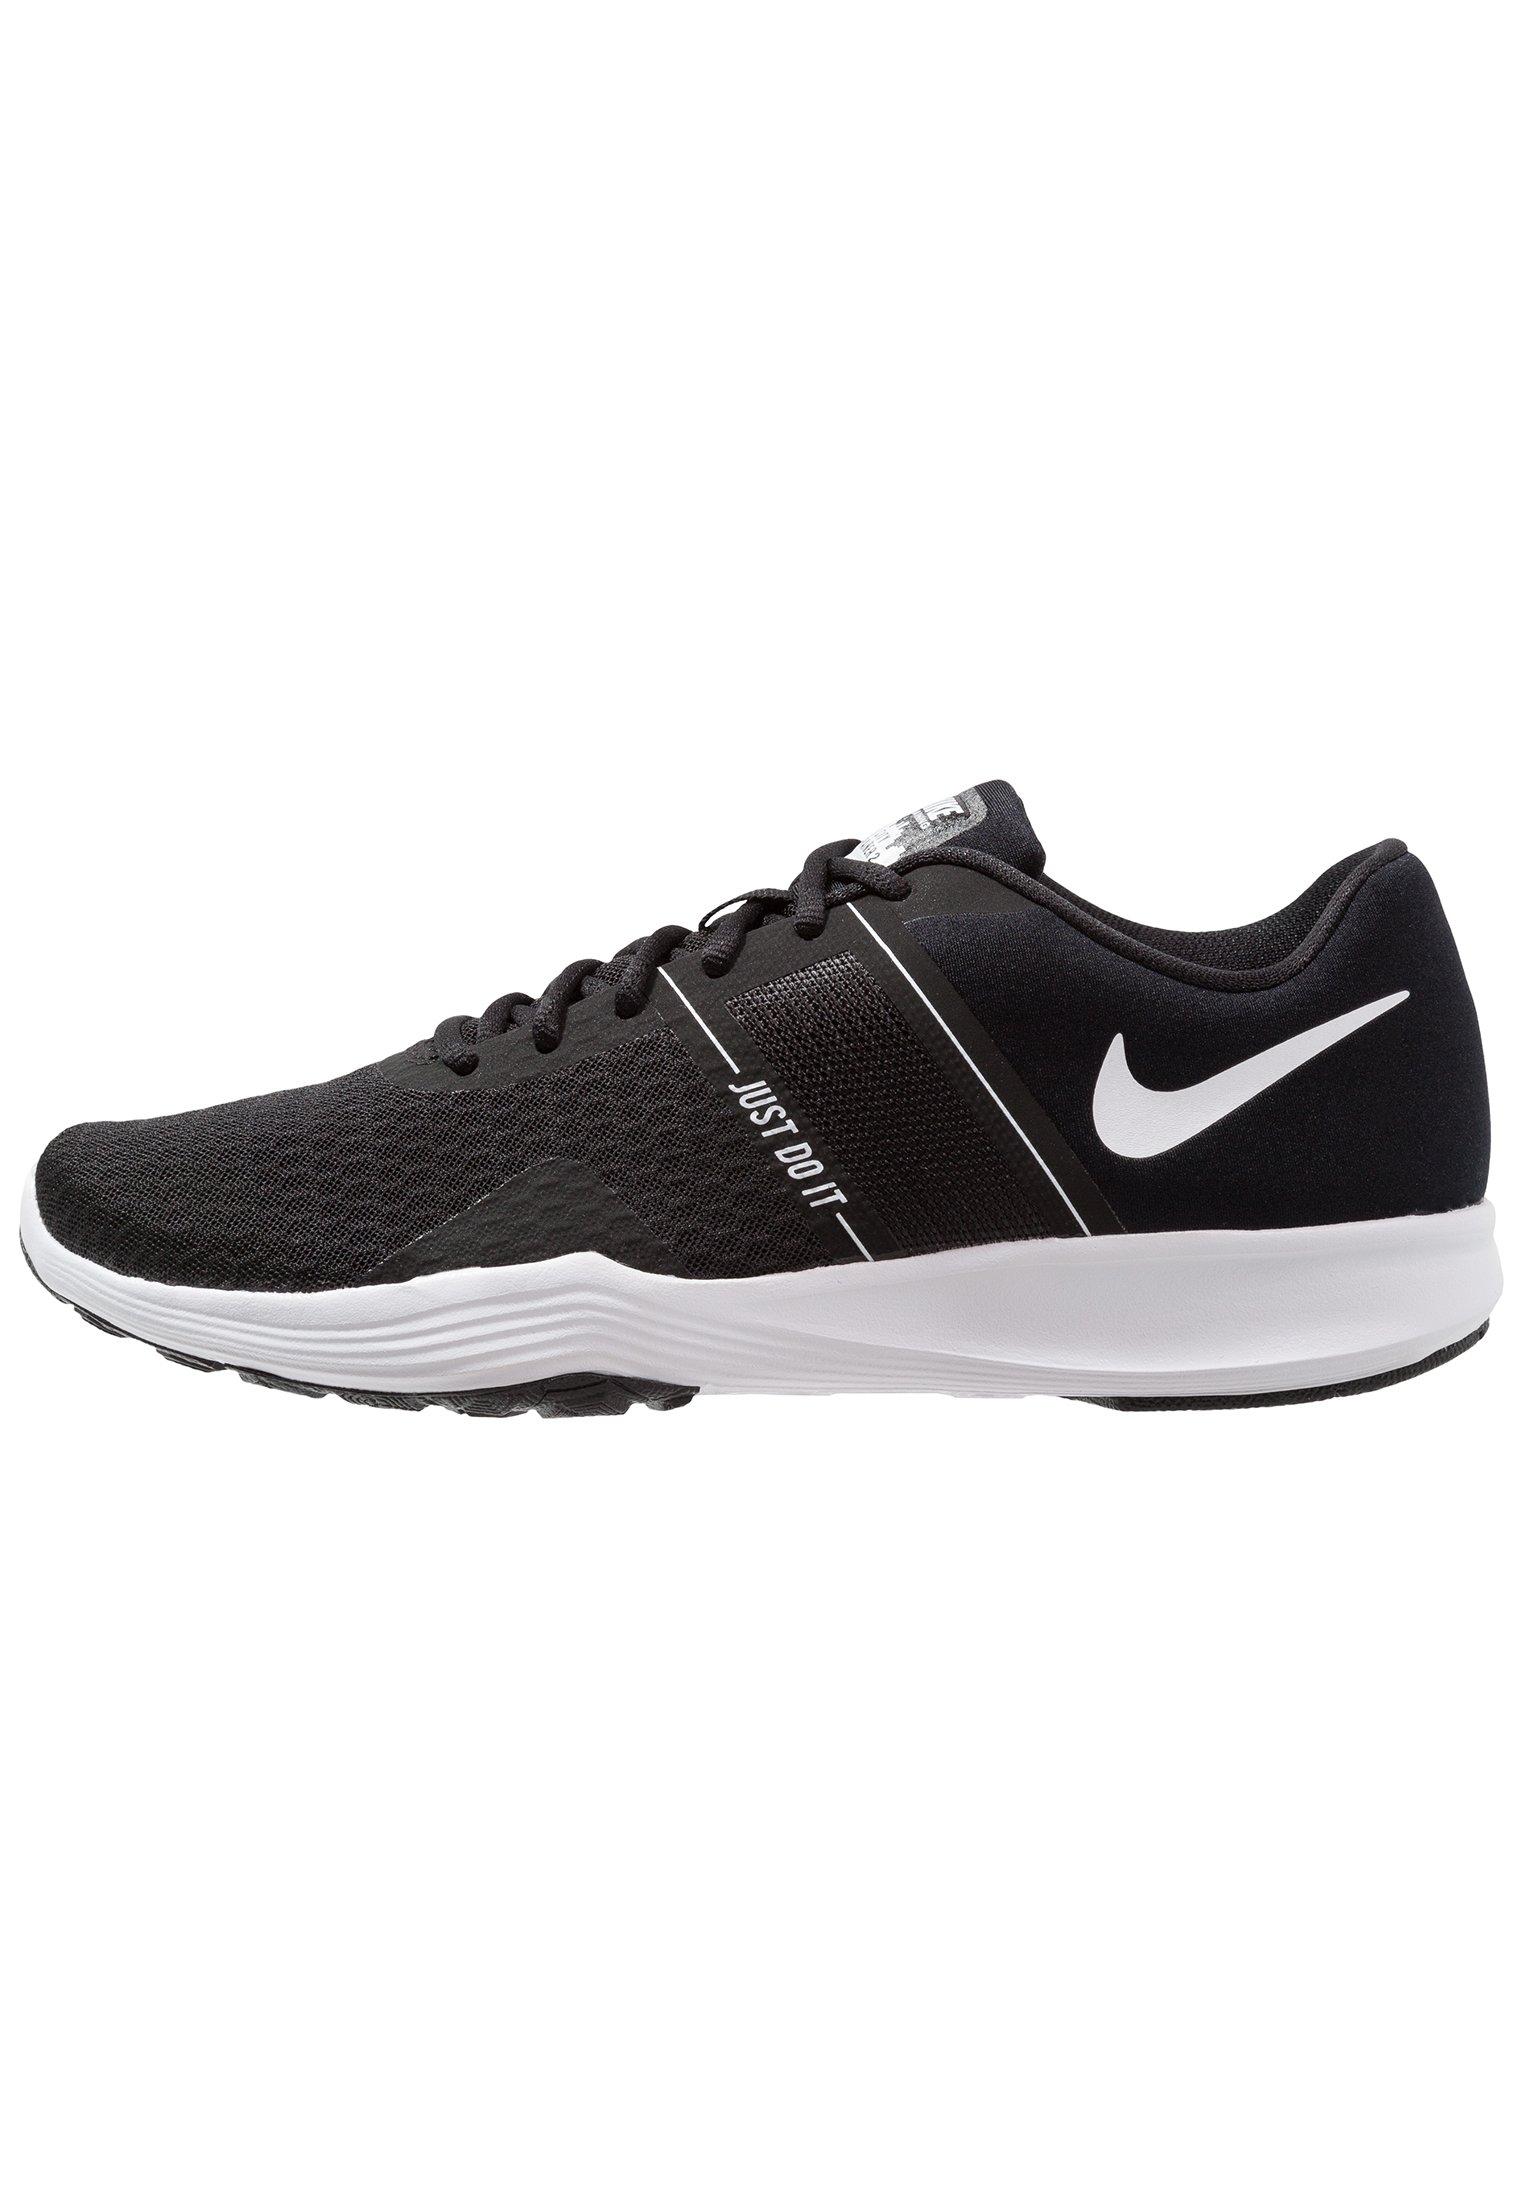 CITY TRAINER 2 Chaussures d'entraînement et de fitness blackwhite